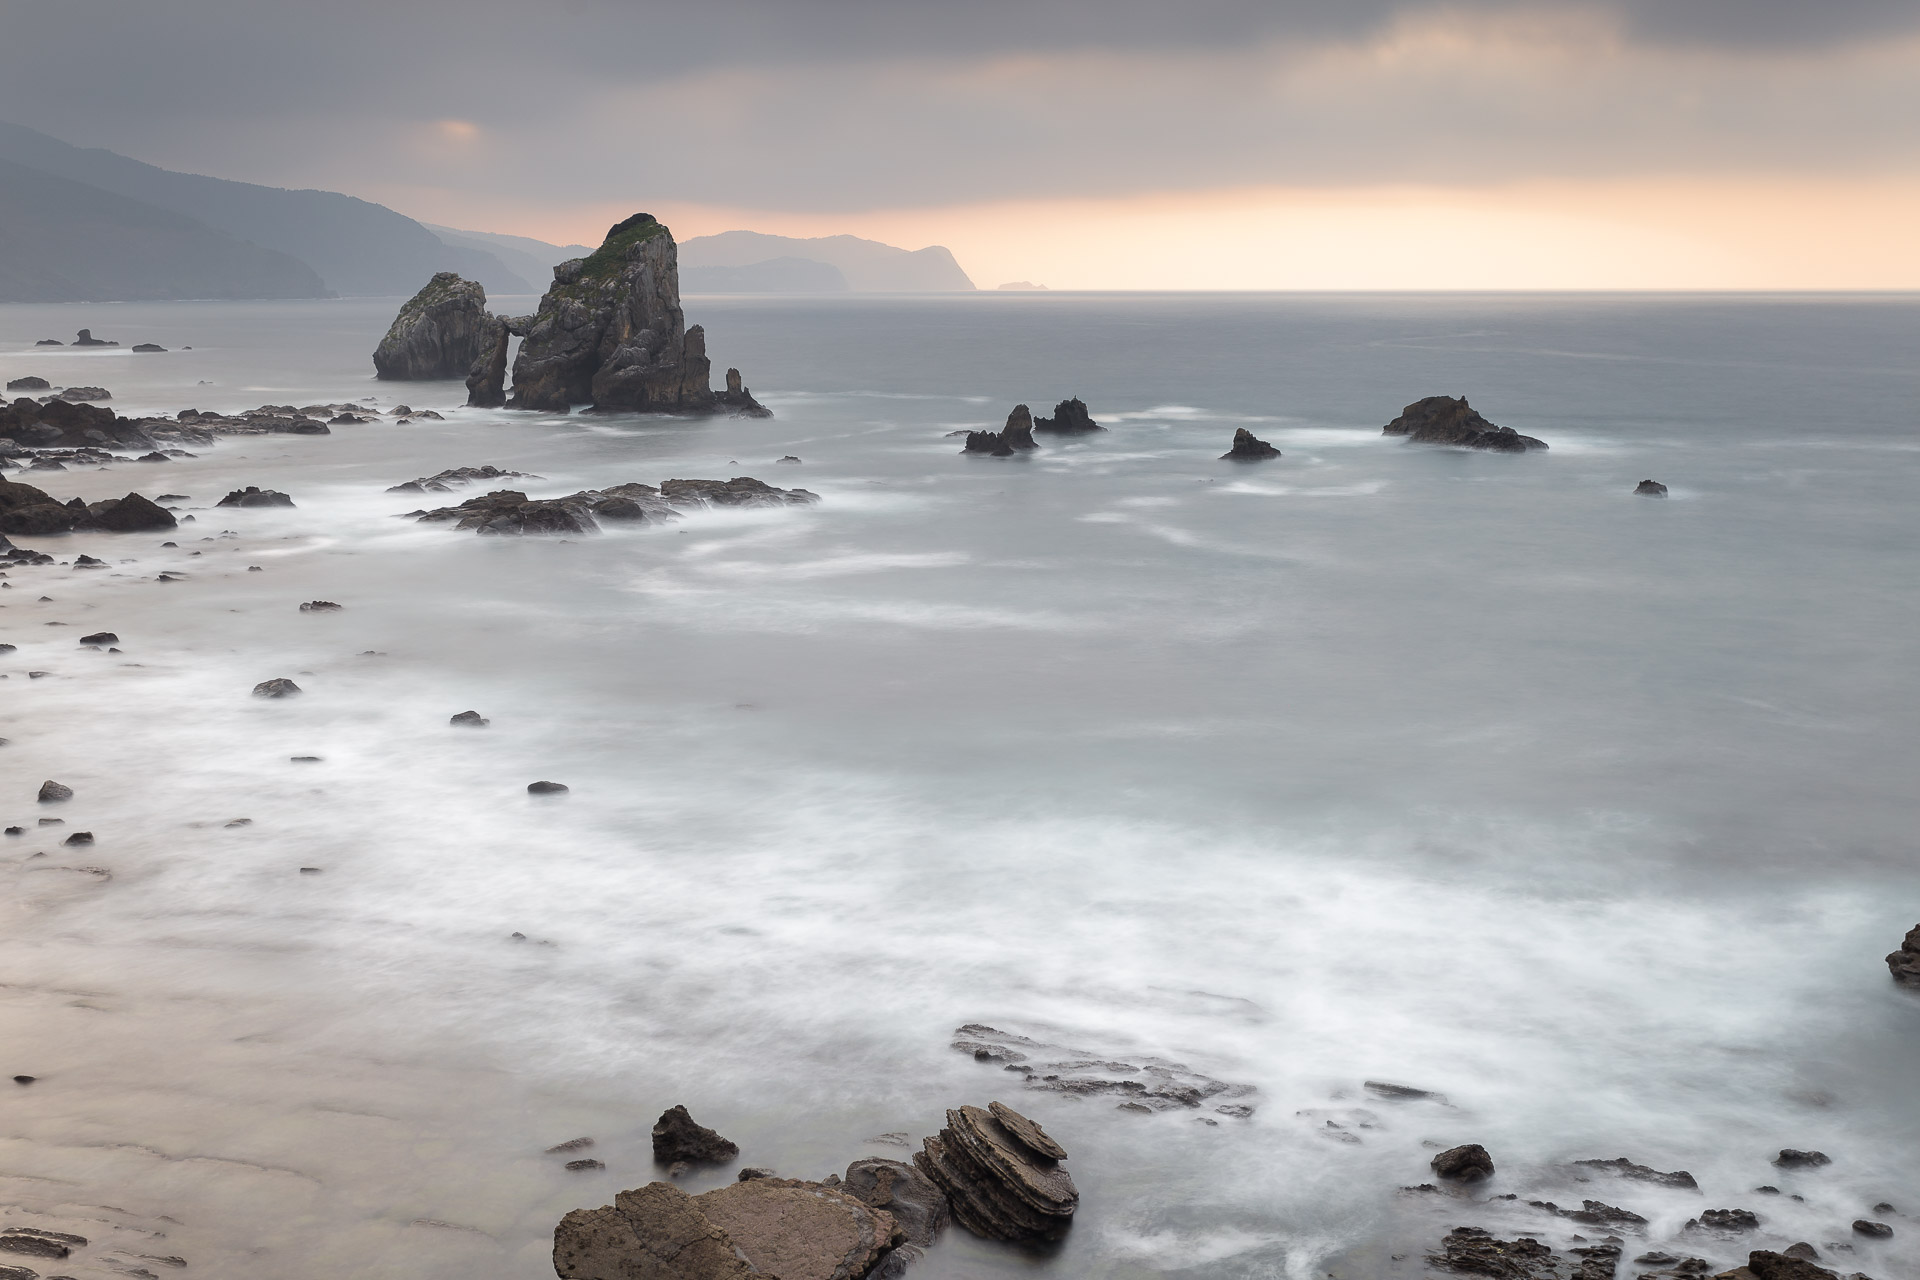 fotografía de paisaje San Juan de Gaztelugatxe,larga exposición al atardecer, Canon 6D,Danilatorre,danilatorre, Dani Latorre, daniel Latorre